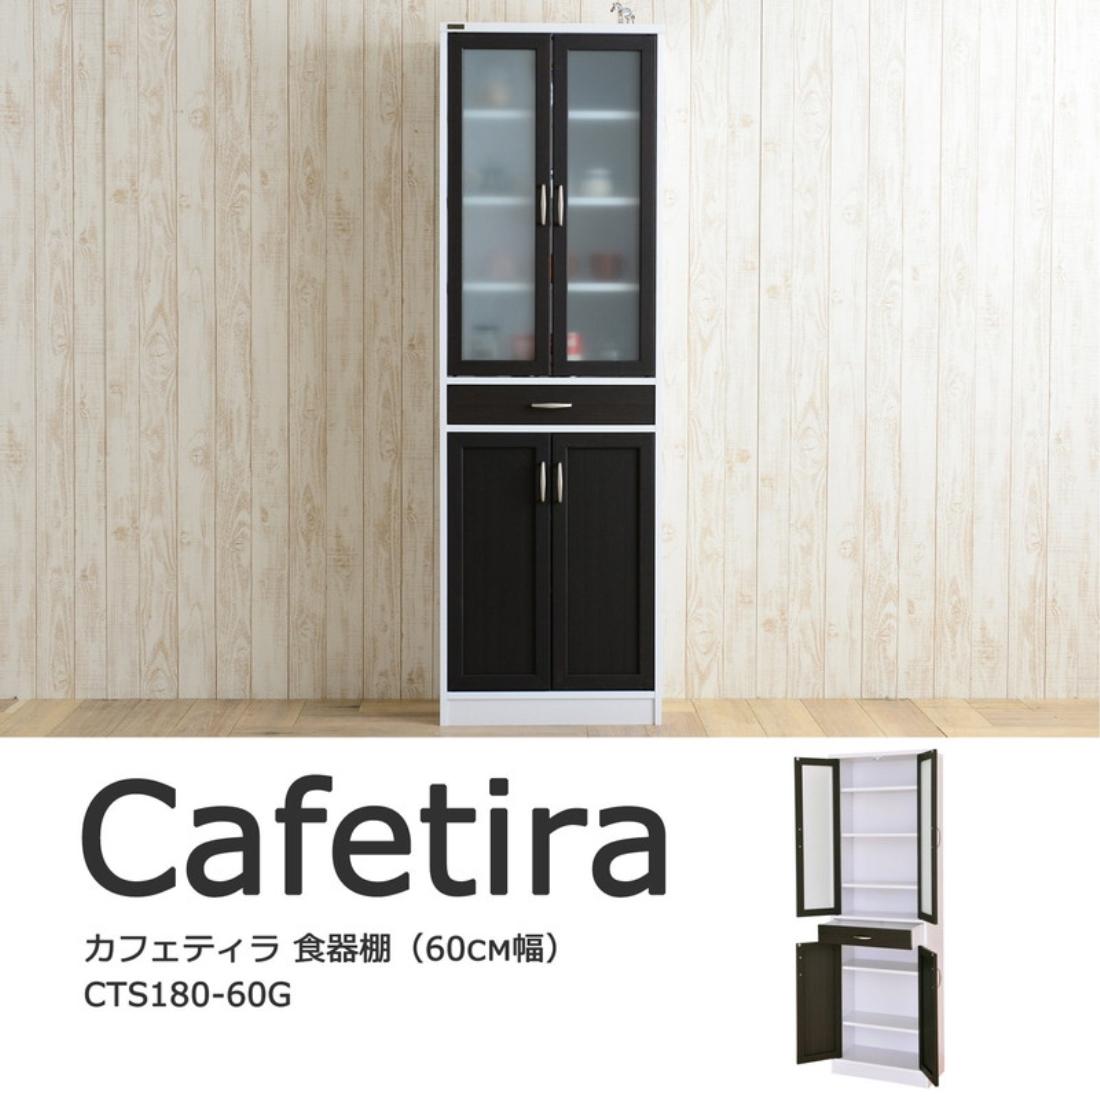 台所 収納 Cafetira(カフェティラ)食器棚(ハイタイプ/60cm幅) オシャレ